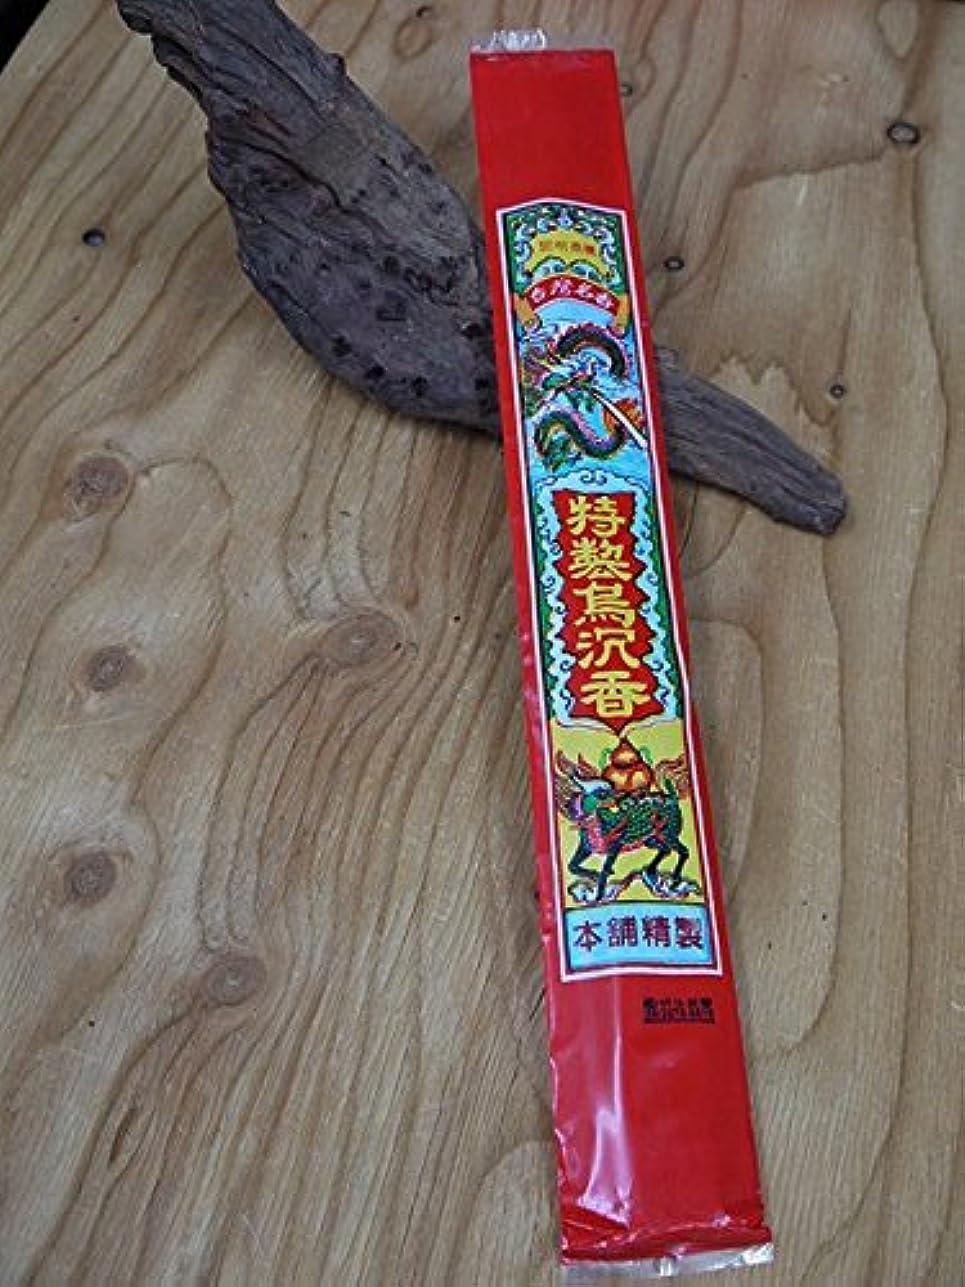 レール兵隊機械特製鳥沈香 台湾のお香「特製鳥沈香」お寺などに供えるポピュラーなお香